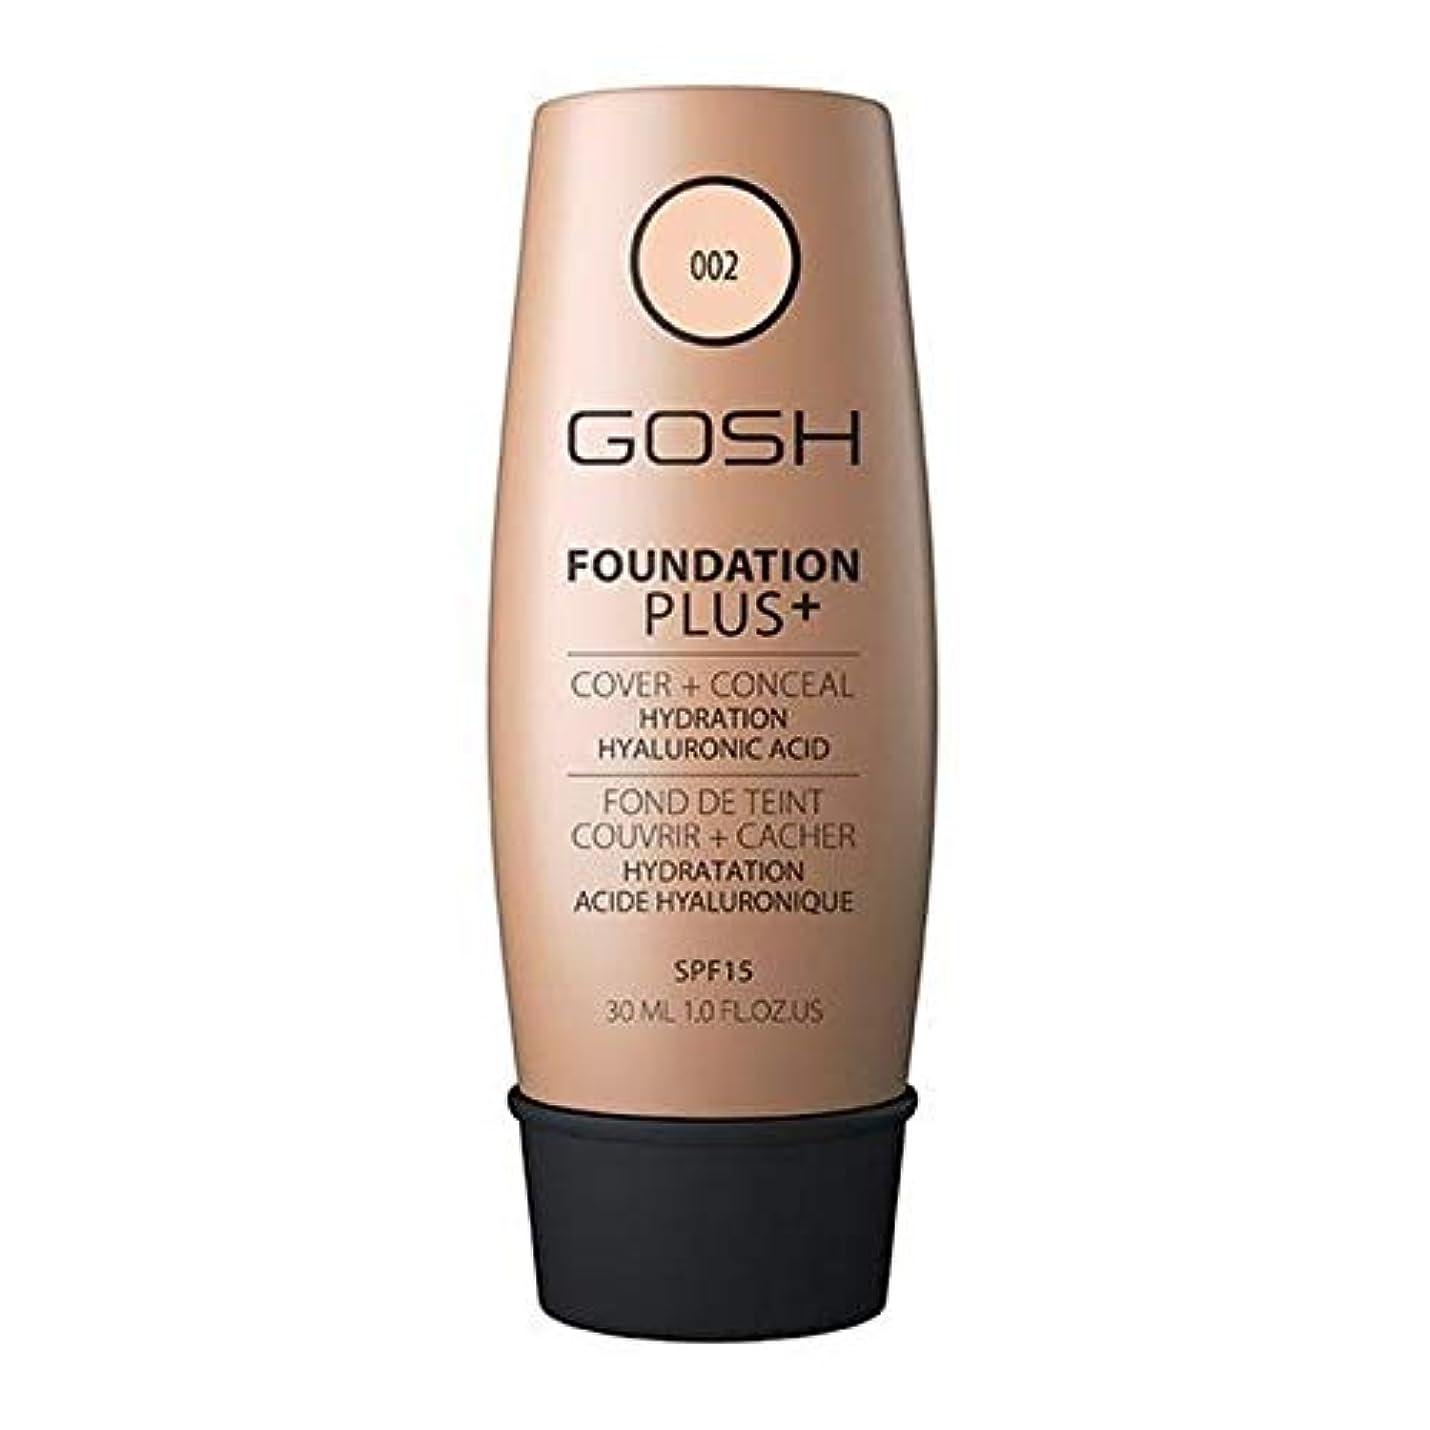 アクセスできない反対する効果[GOSH ] おやっ基礎プラス+アイボリー002 - Gosh Foundation Plus+ Ivory 002 [並行輸入品]